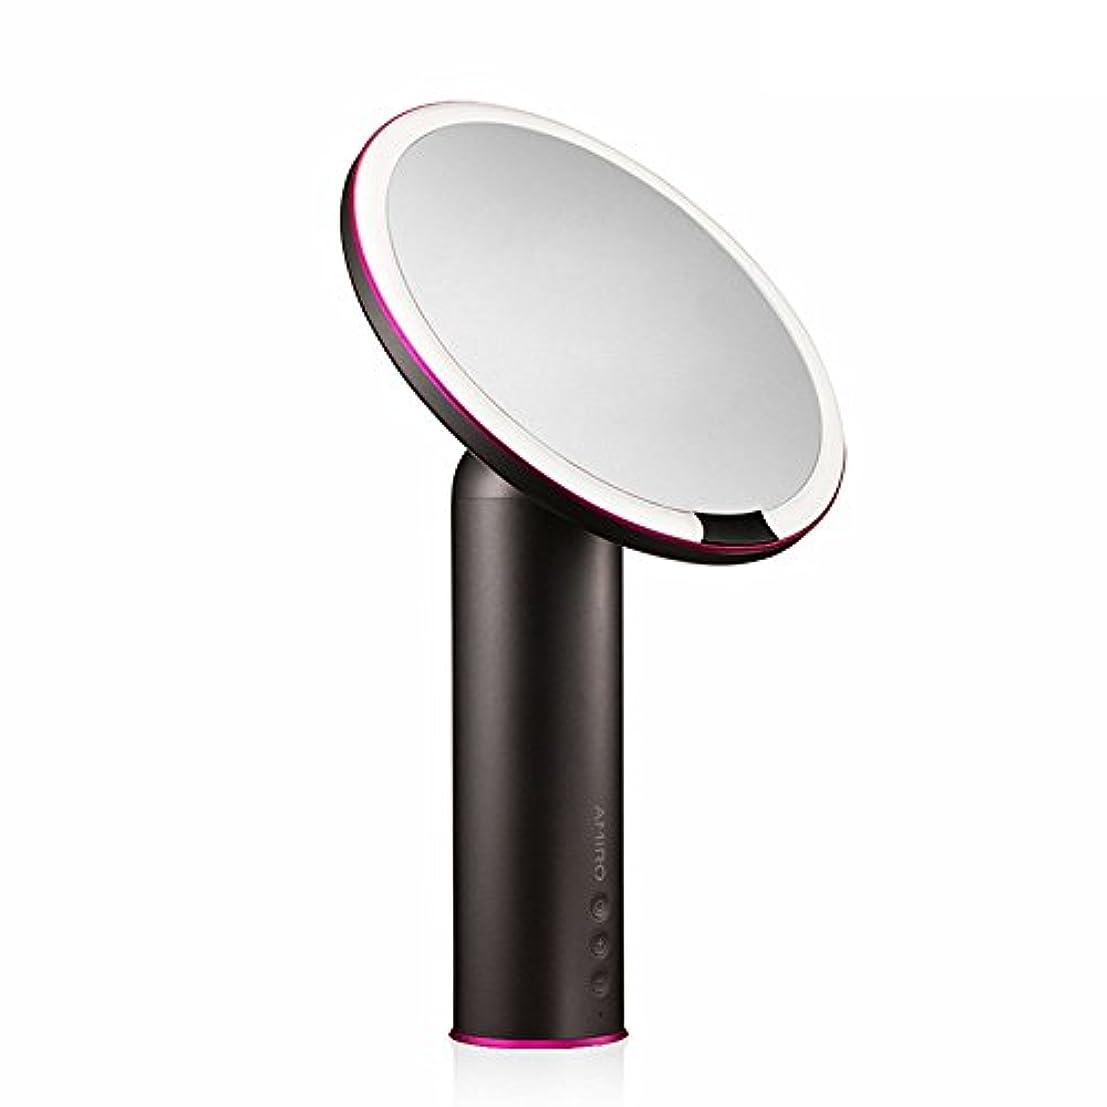 AMIRO LED化粧鏡 人感センサー付き 化粧ミラー LEDライト付き 卓上鏡 女優ミラー 3段階明るさ調節可能 コードレス 充電式